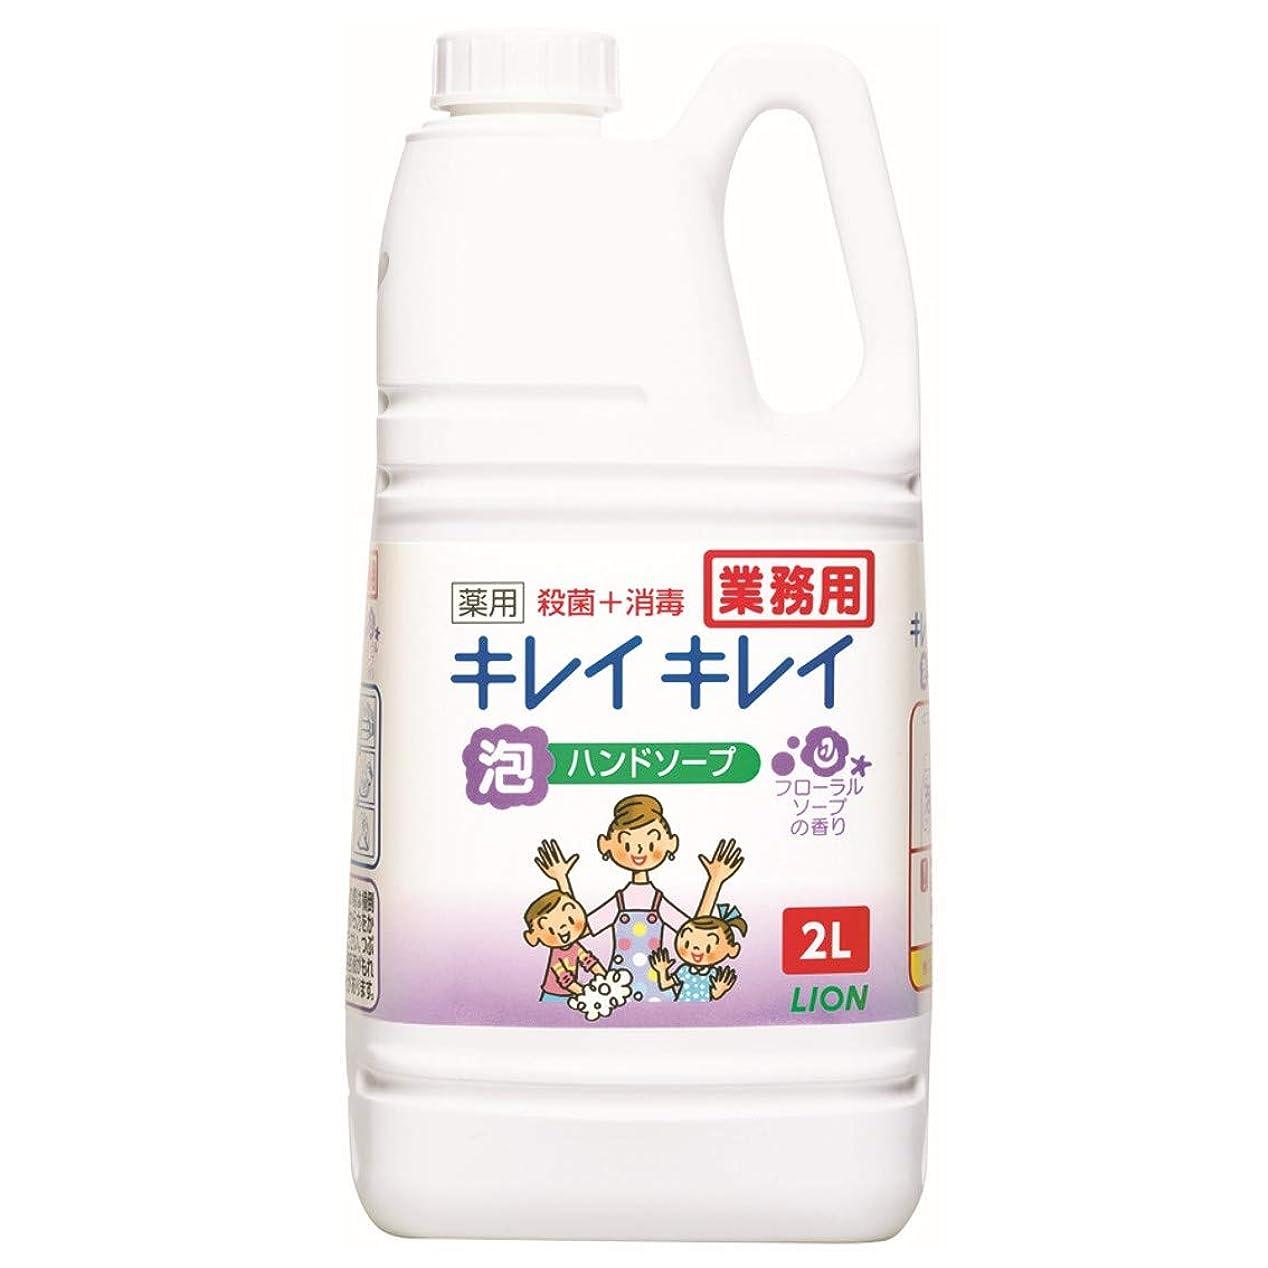 不規則な消毒するメルボルン【大容量】キレイキレイ 薬用泡ハンドソープ フローラルソープの香り 2L